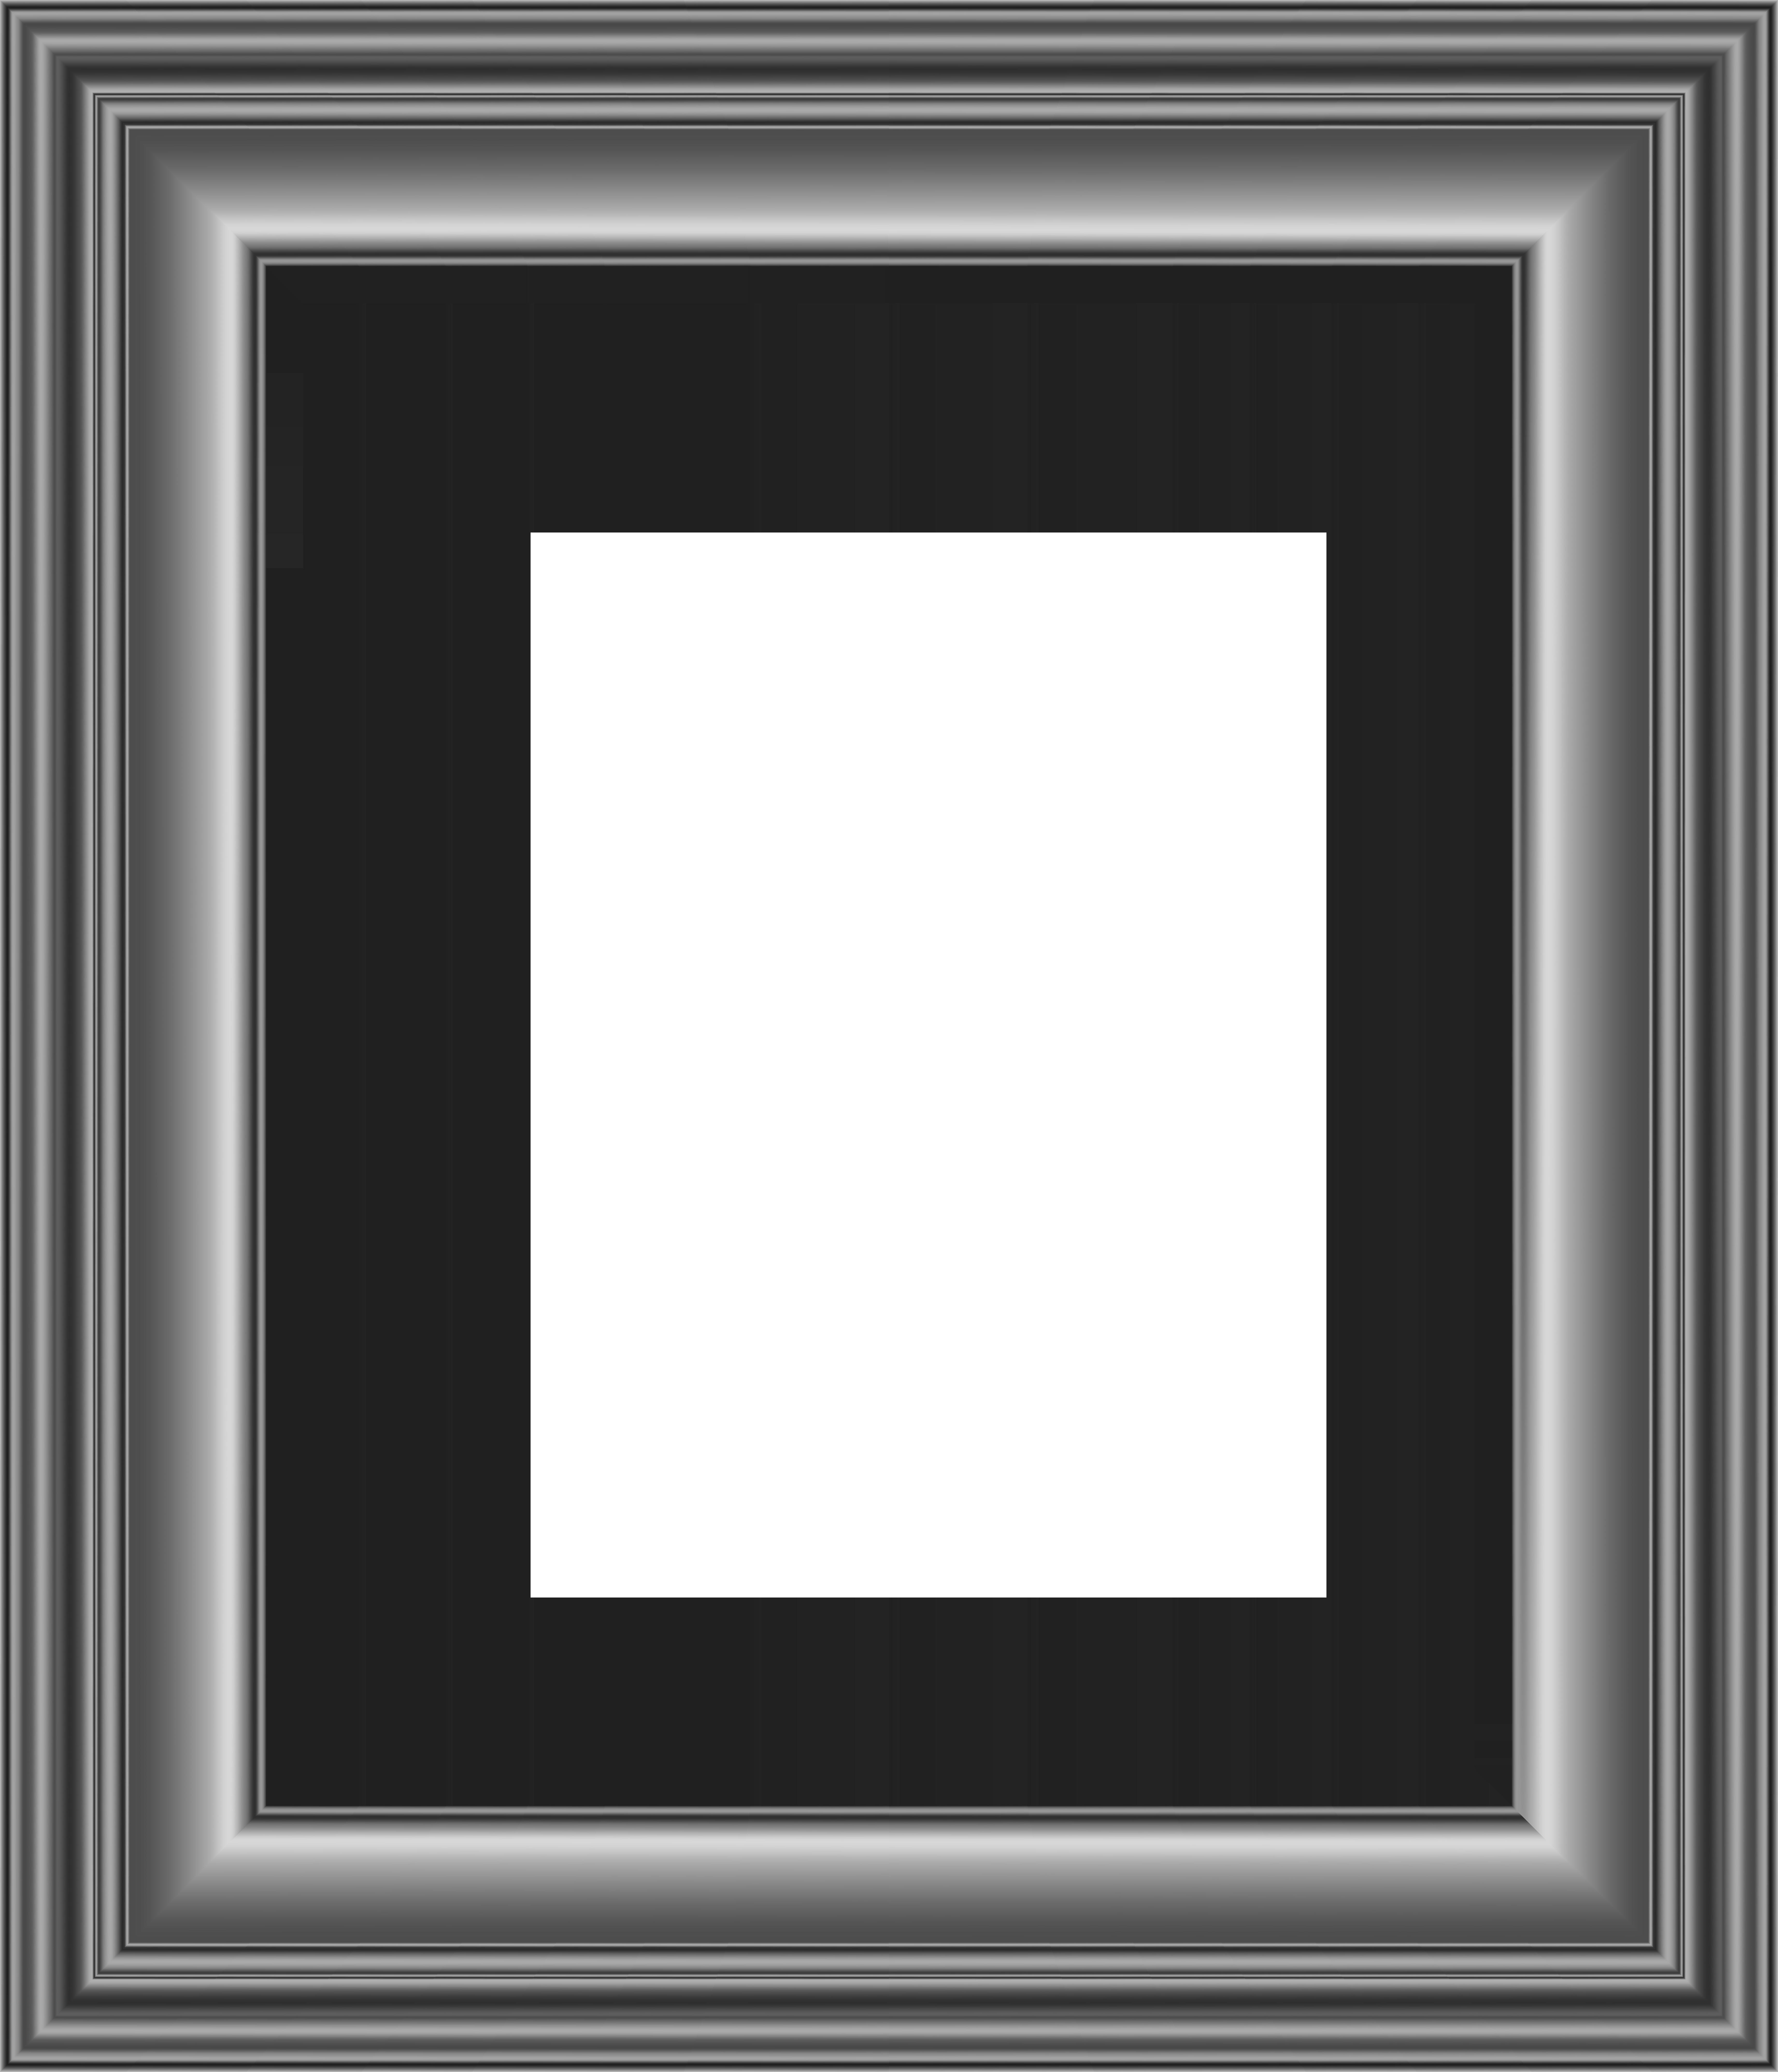 Grey Frame Transparent PNG Image.